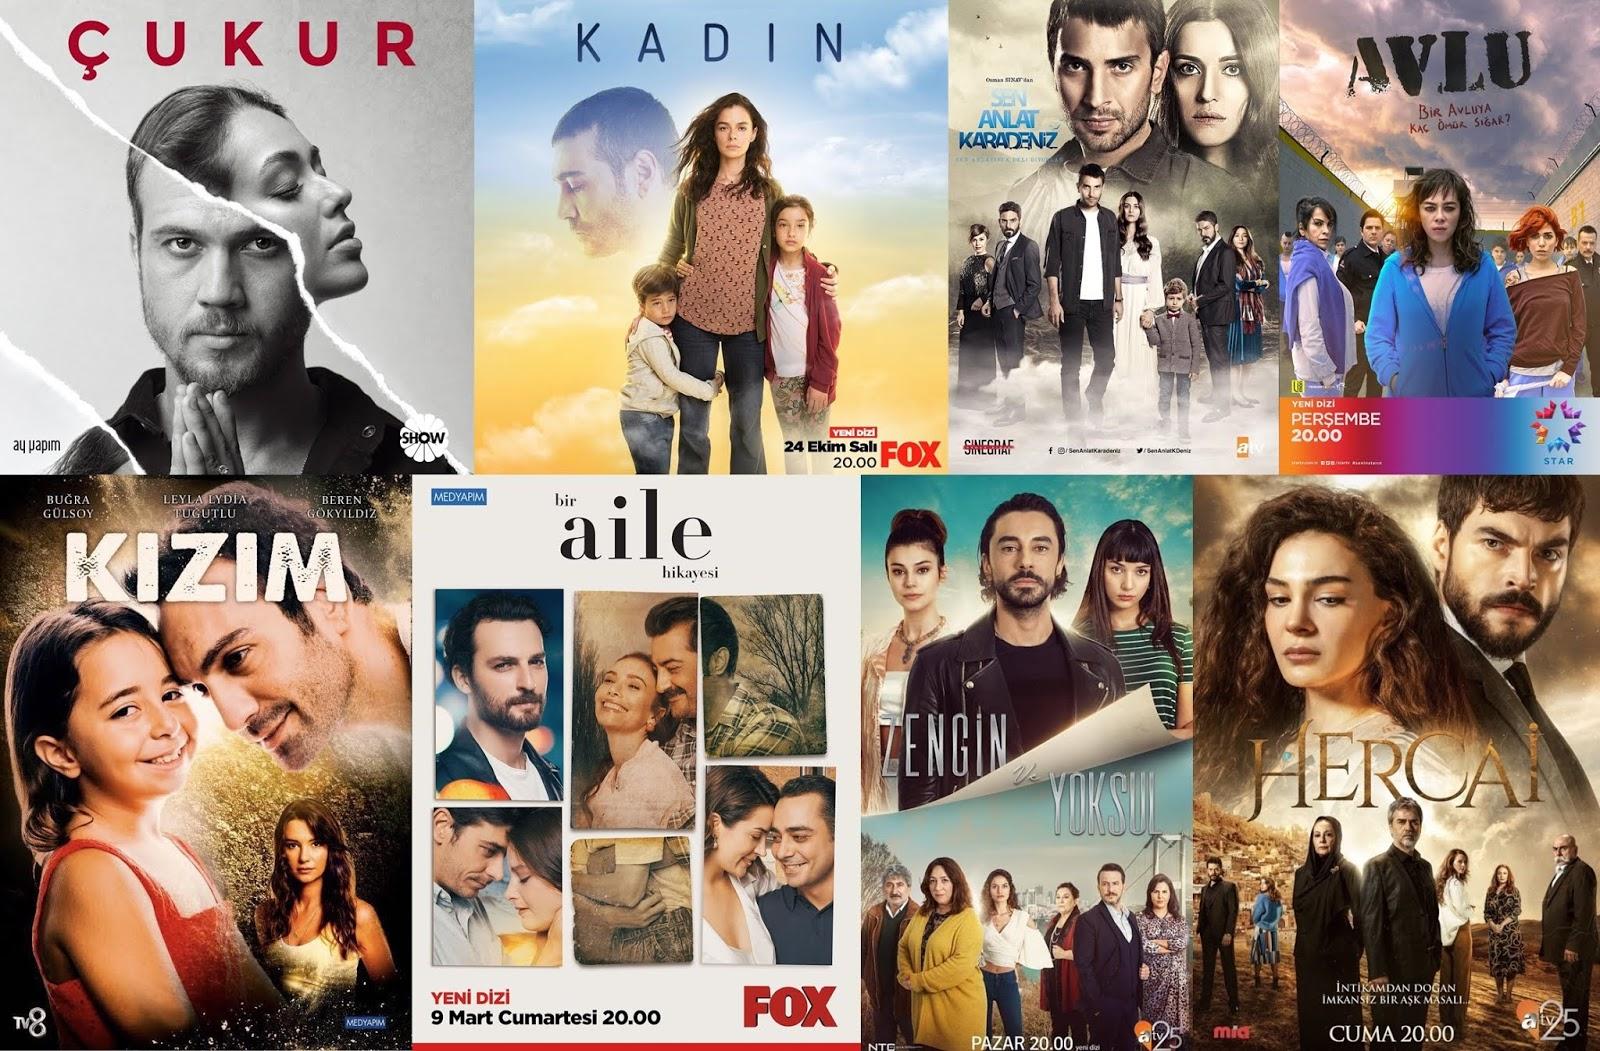 Dizi Avlu Izle kış sezonu İzlediğim türk dizileri (2019)